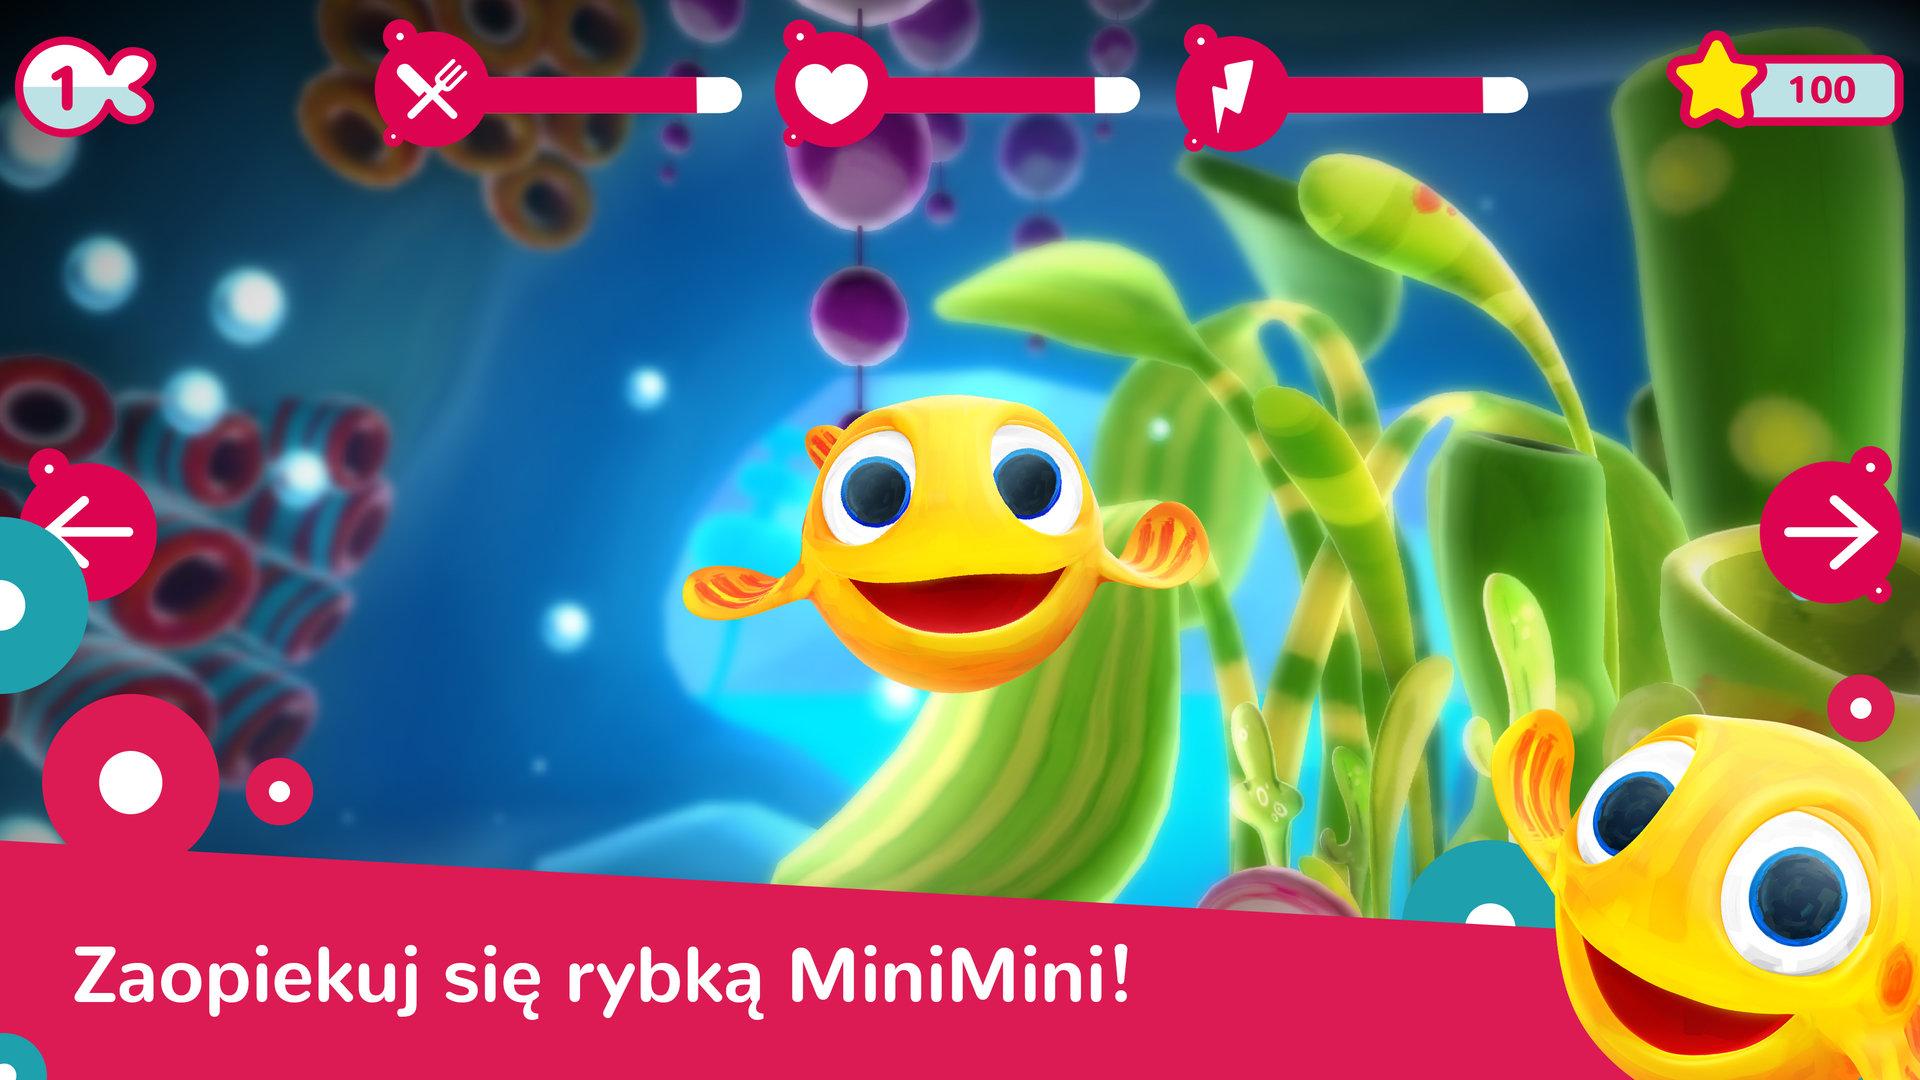 Wspólnie z Rybką MiniMini zanurz się w oceanie zabaw – startuje nowa aplikacja mobilna dla najmłodszych!